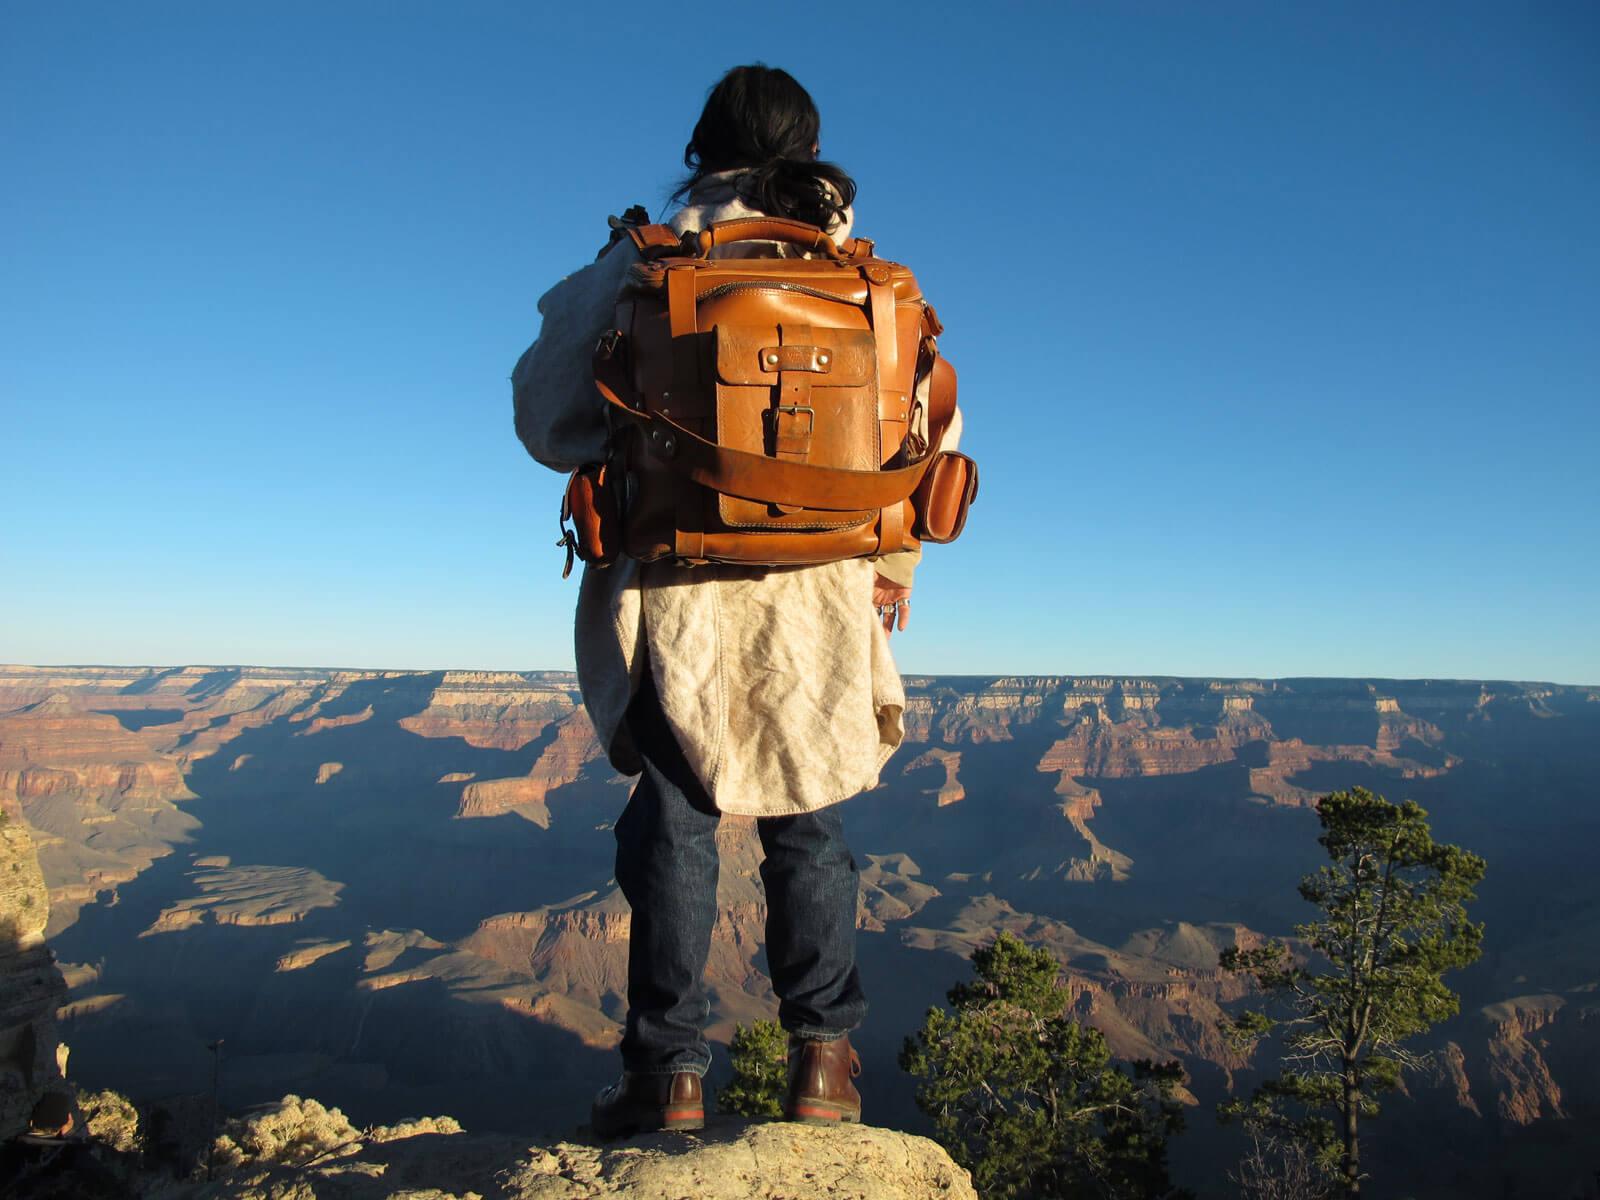 世界を旅する革鞄 ~グランドキャニオン&ザ・ウェーブ~